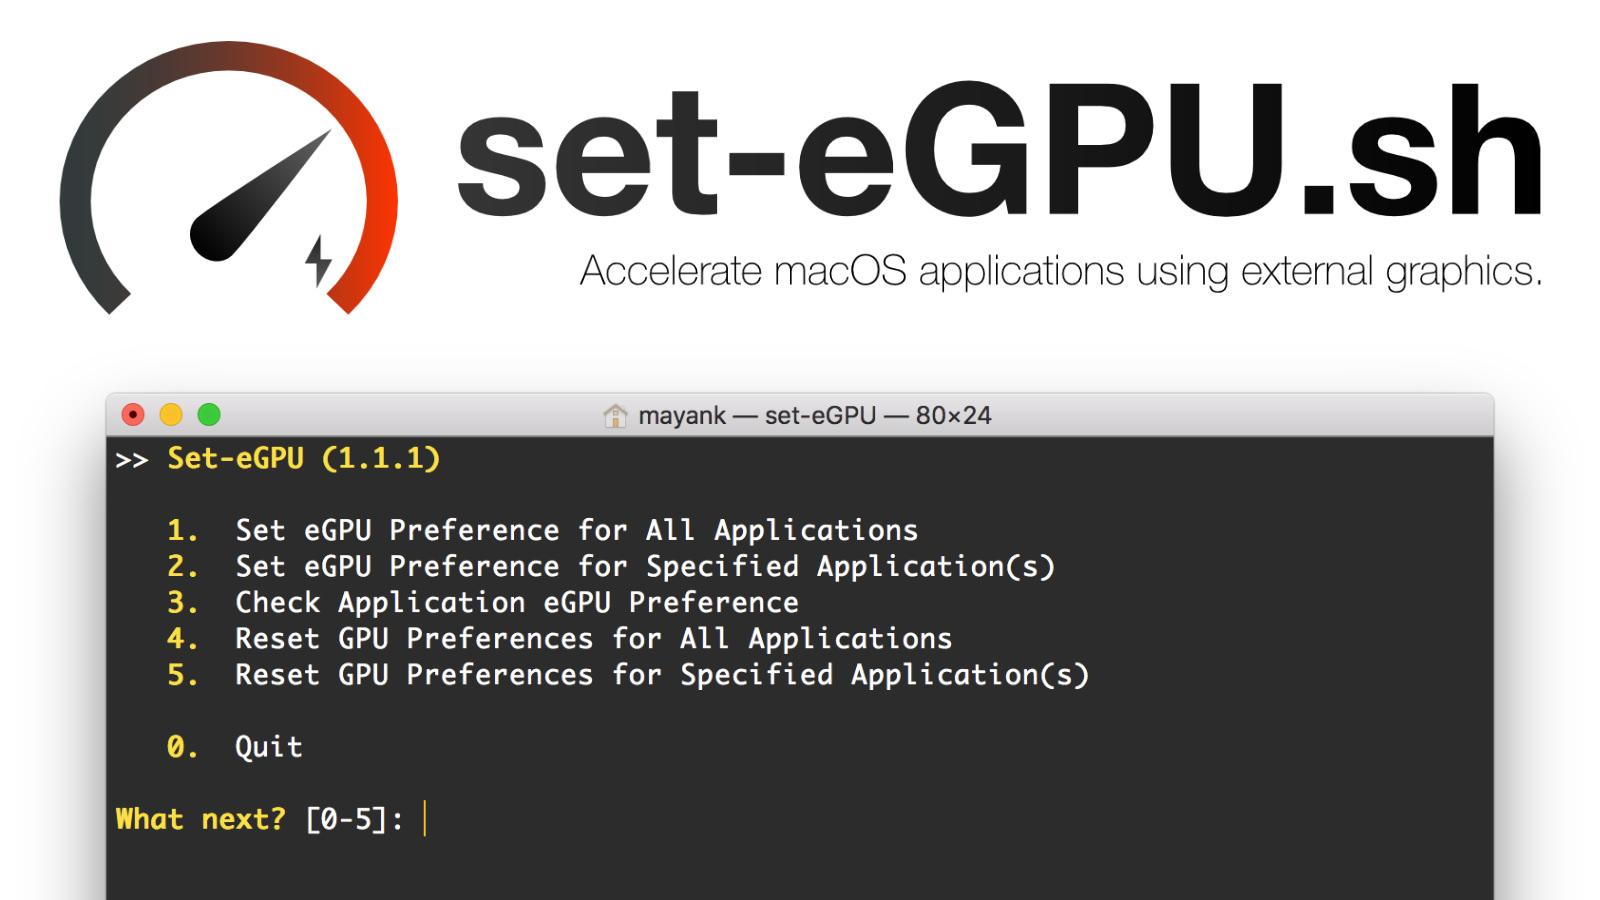 set-egpu-sh-script.jpg